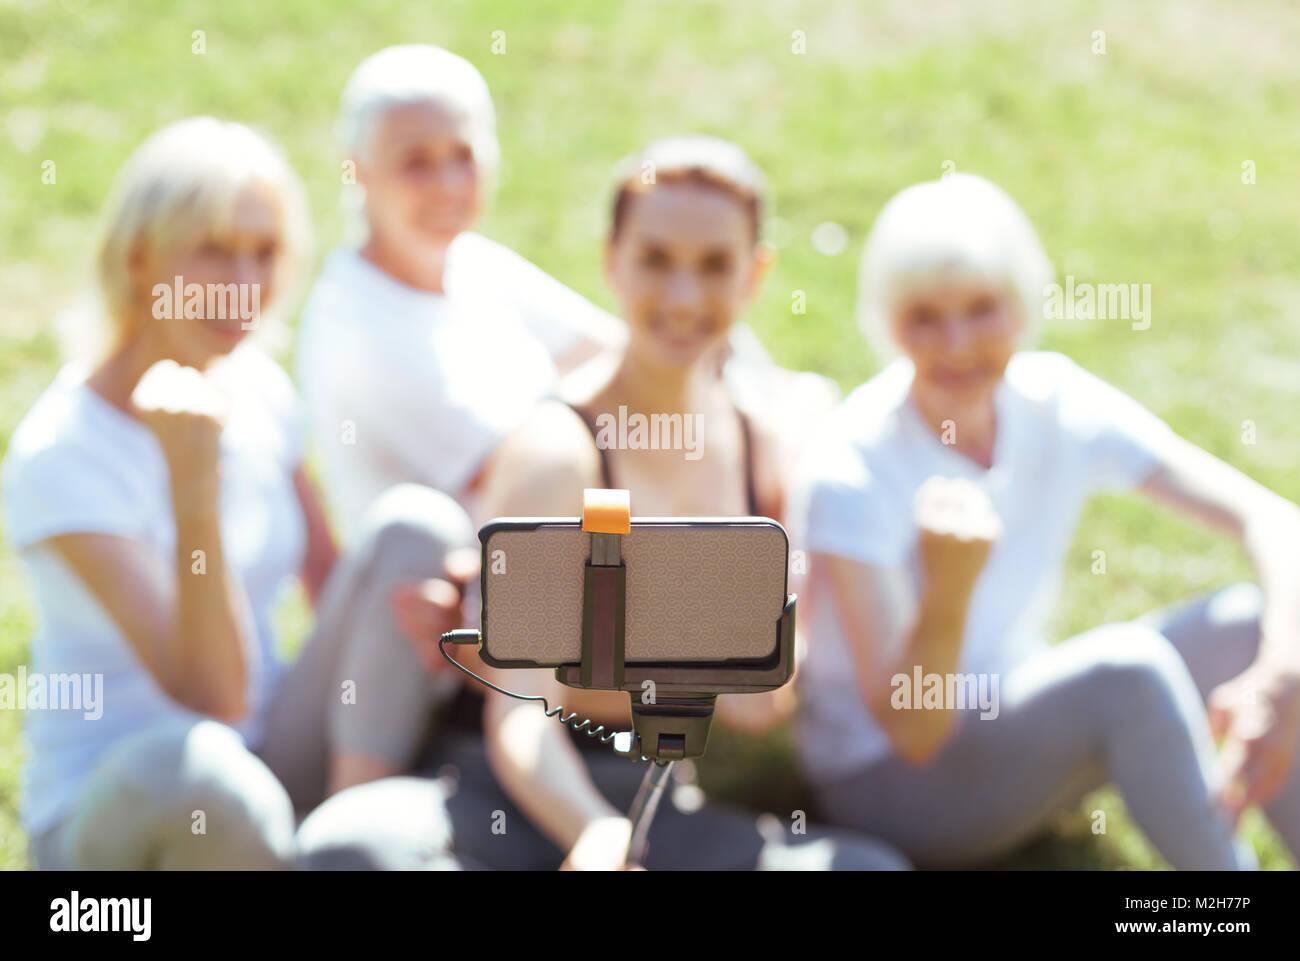 El enfoque selectivo de un smartphone innovador Imagen De Stock